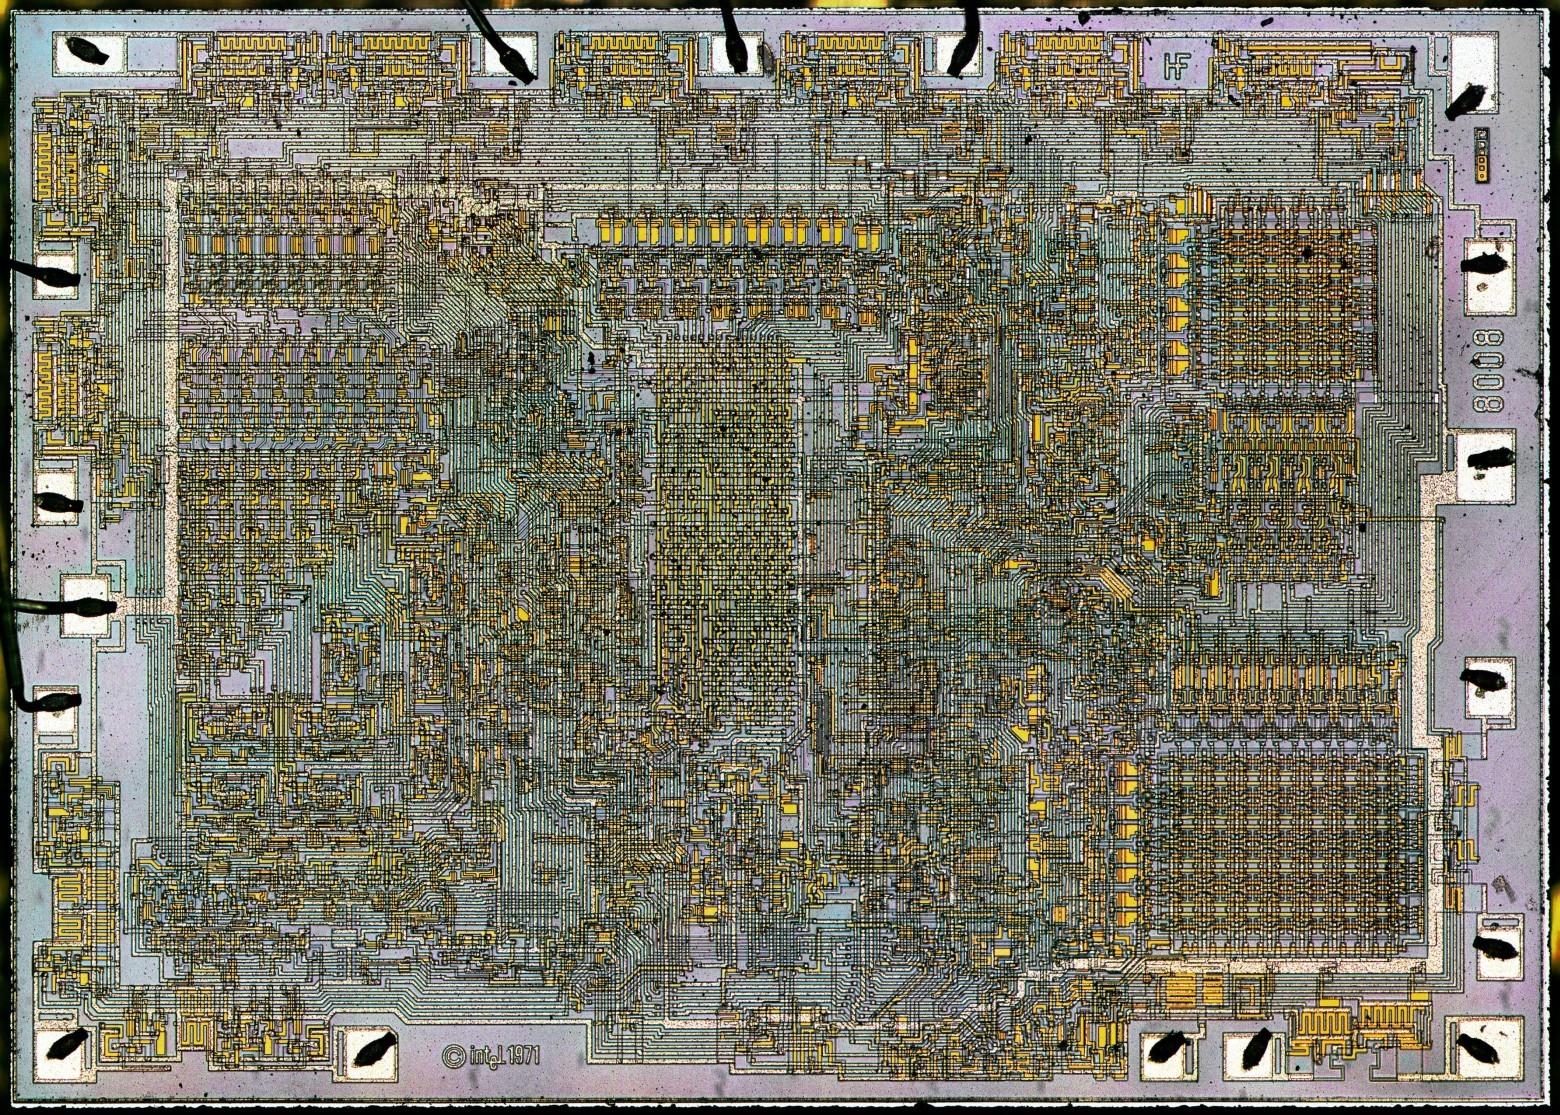 Фотографии кристалла процессора Intel 8008, который дал жизнь первым ПК - 1